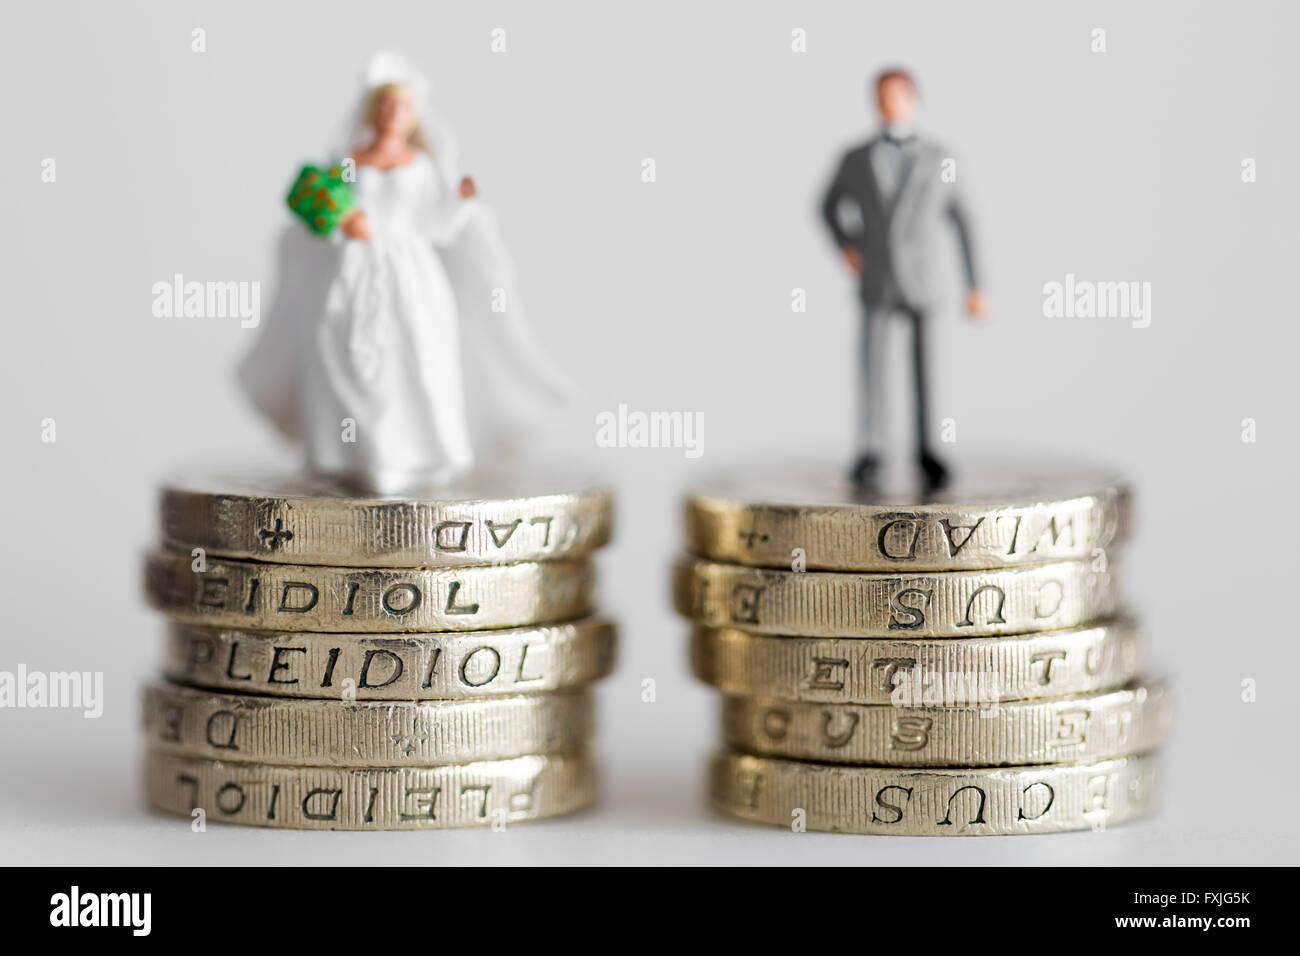 Nahaufnahme / Makro Modell Stockfoto Darstellung verheiratet, Mann und Frau auf £1 Pfund Münze Stapel Stockbild